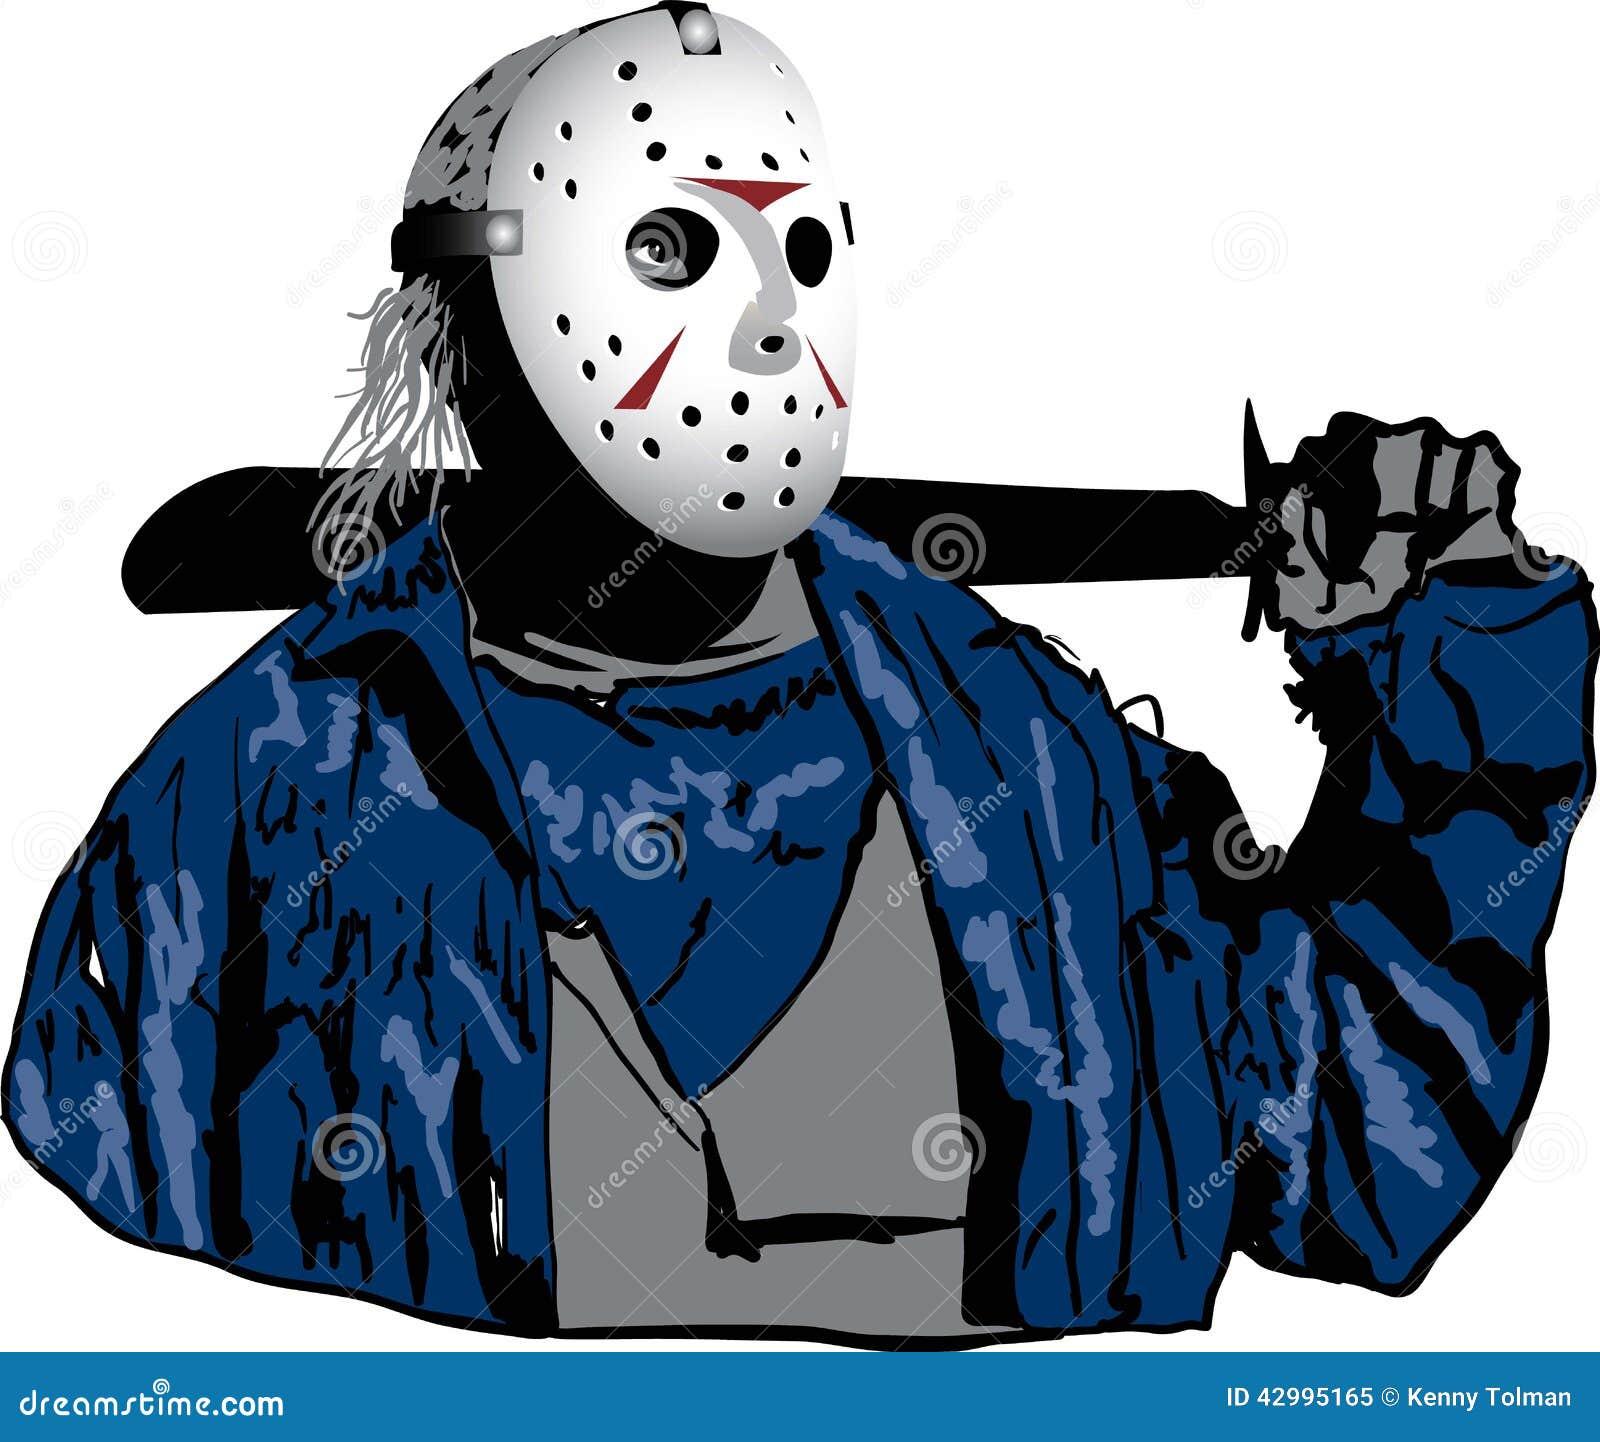 Halloween Jason Mask Cartoon.Jason With Hockey Mask On Stock Illustration Illustration Of Jason